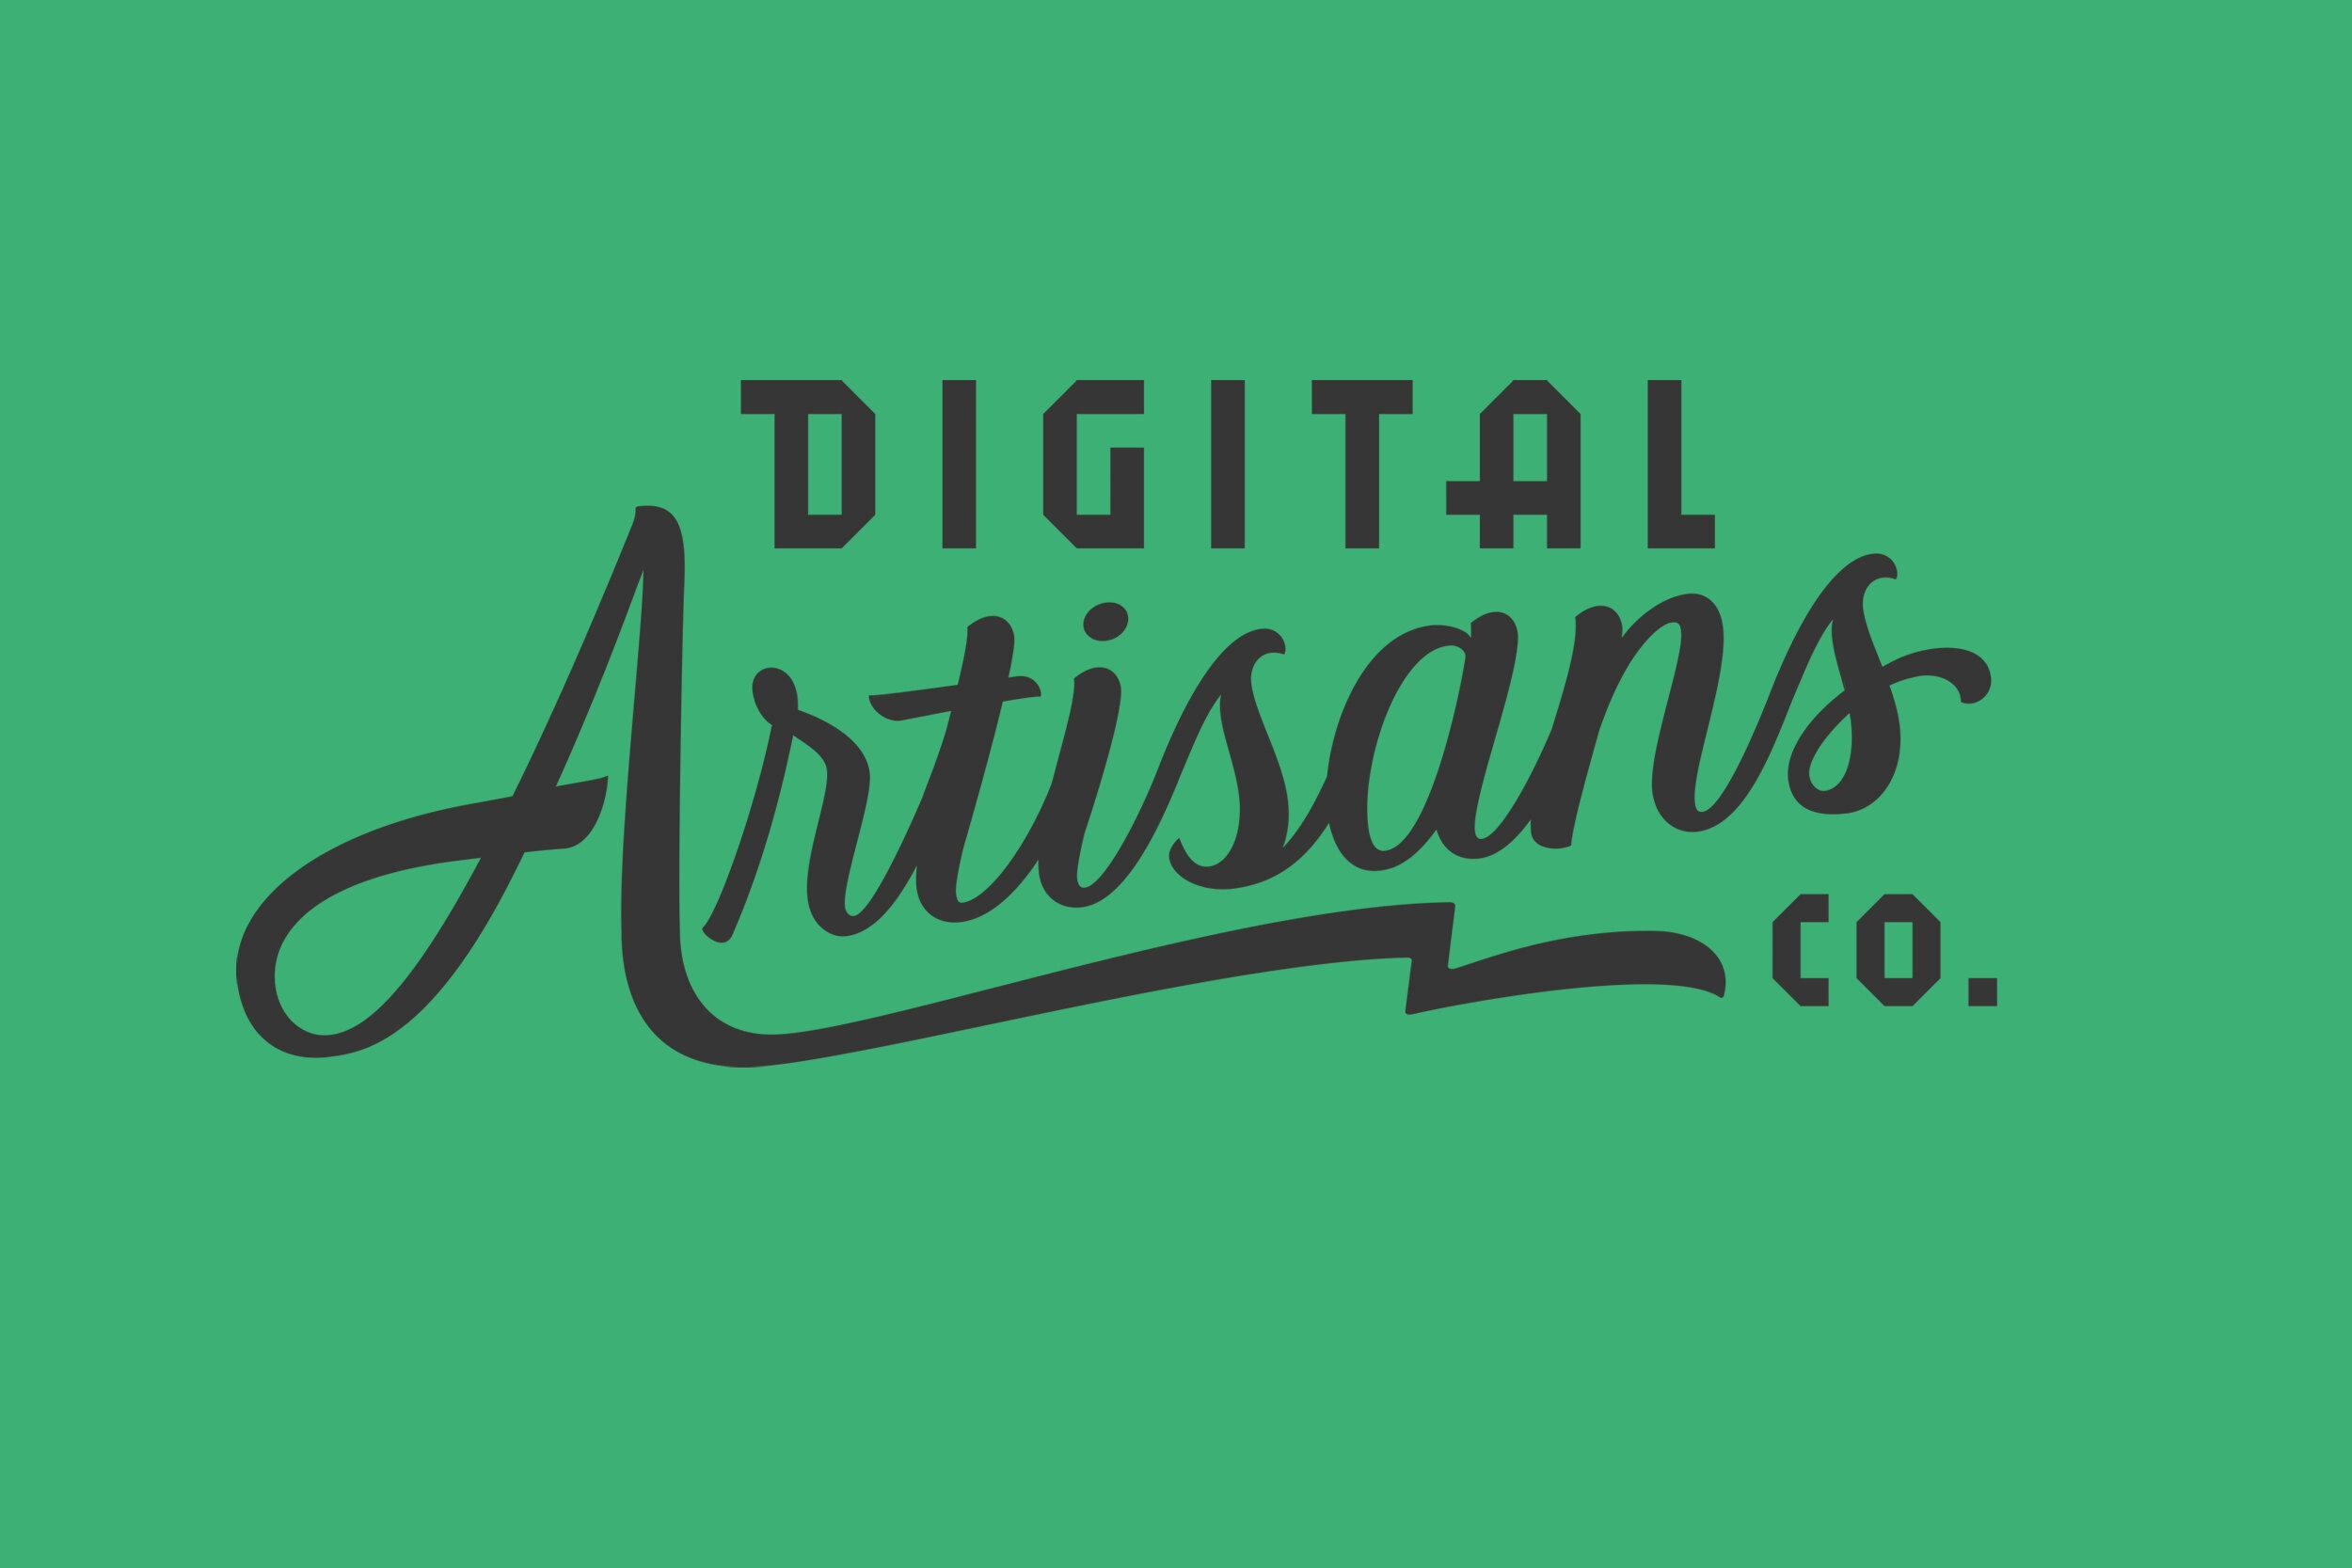 Logo_DigitalArtisans1_Shortlife.jpg